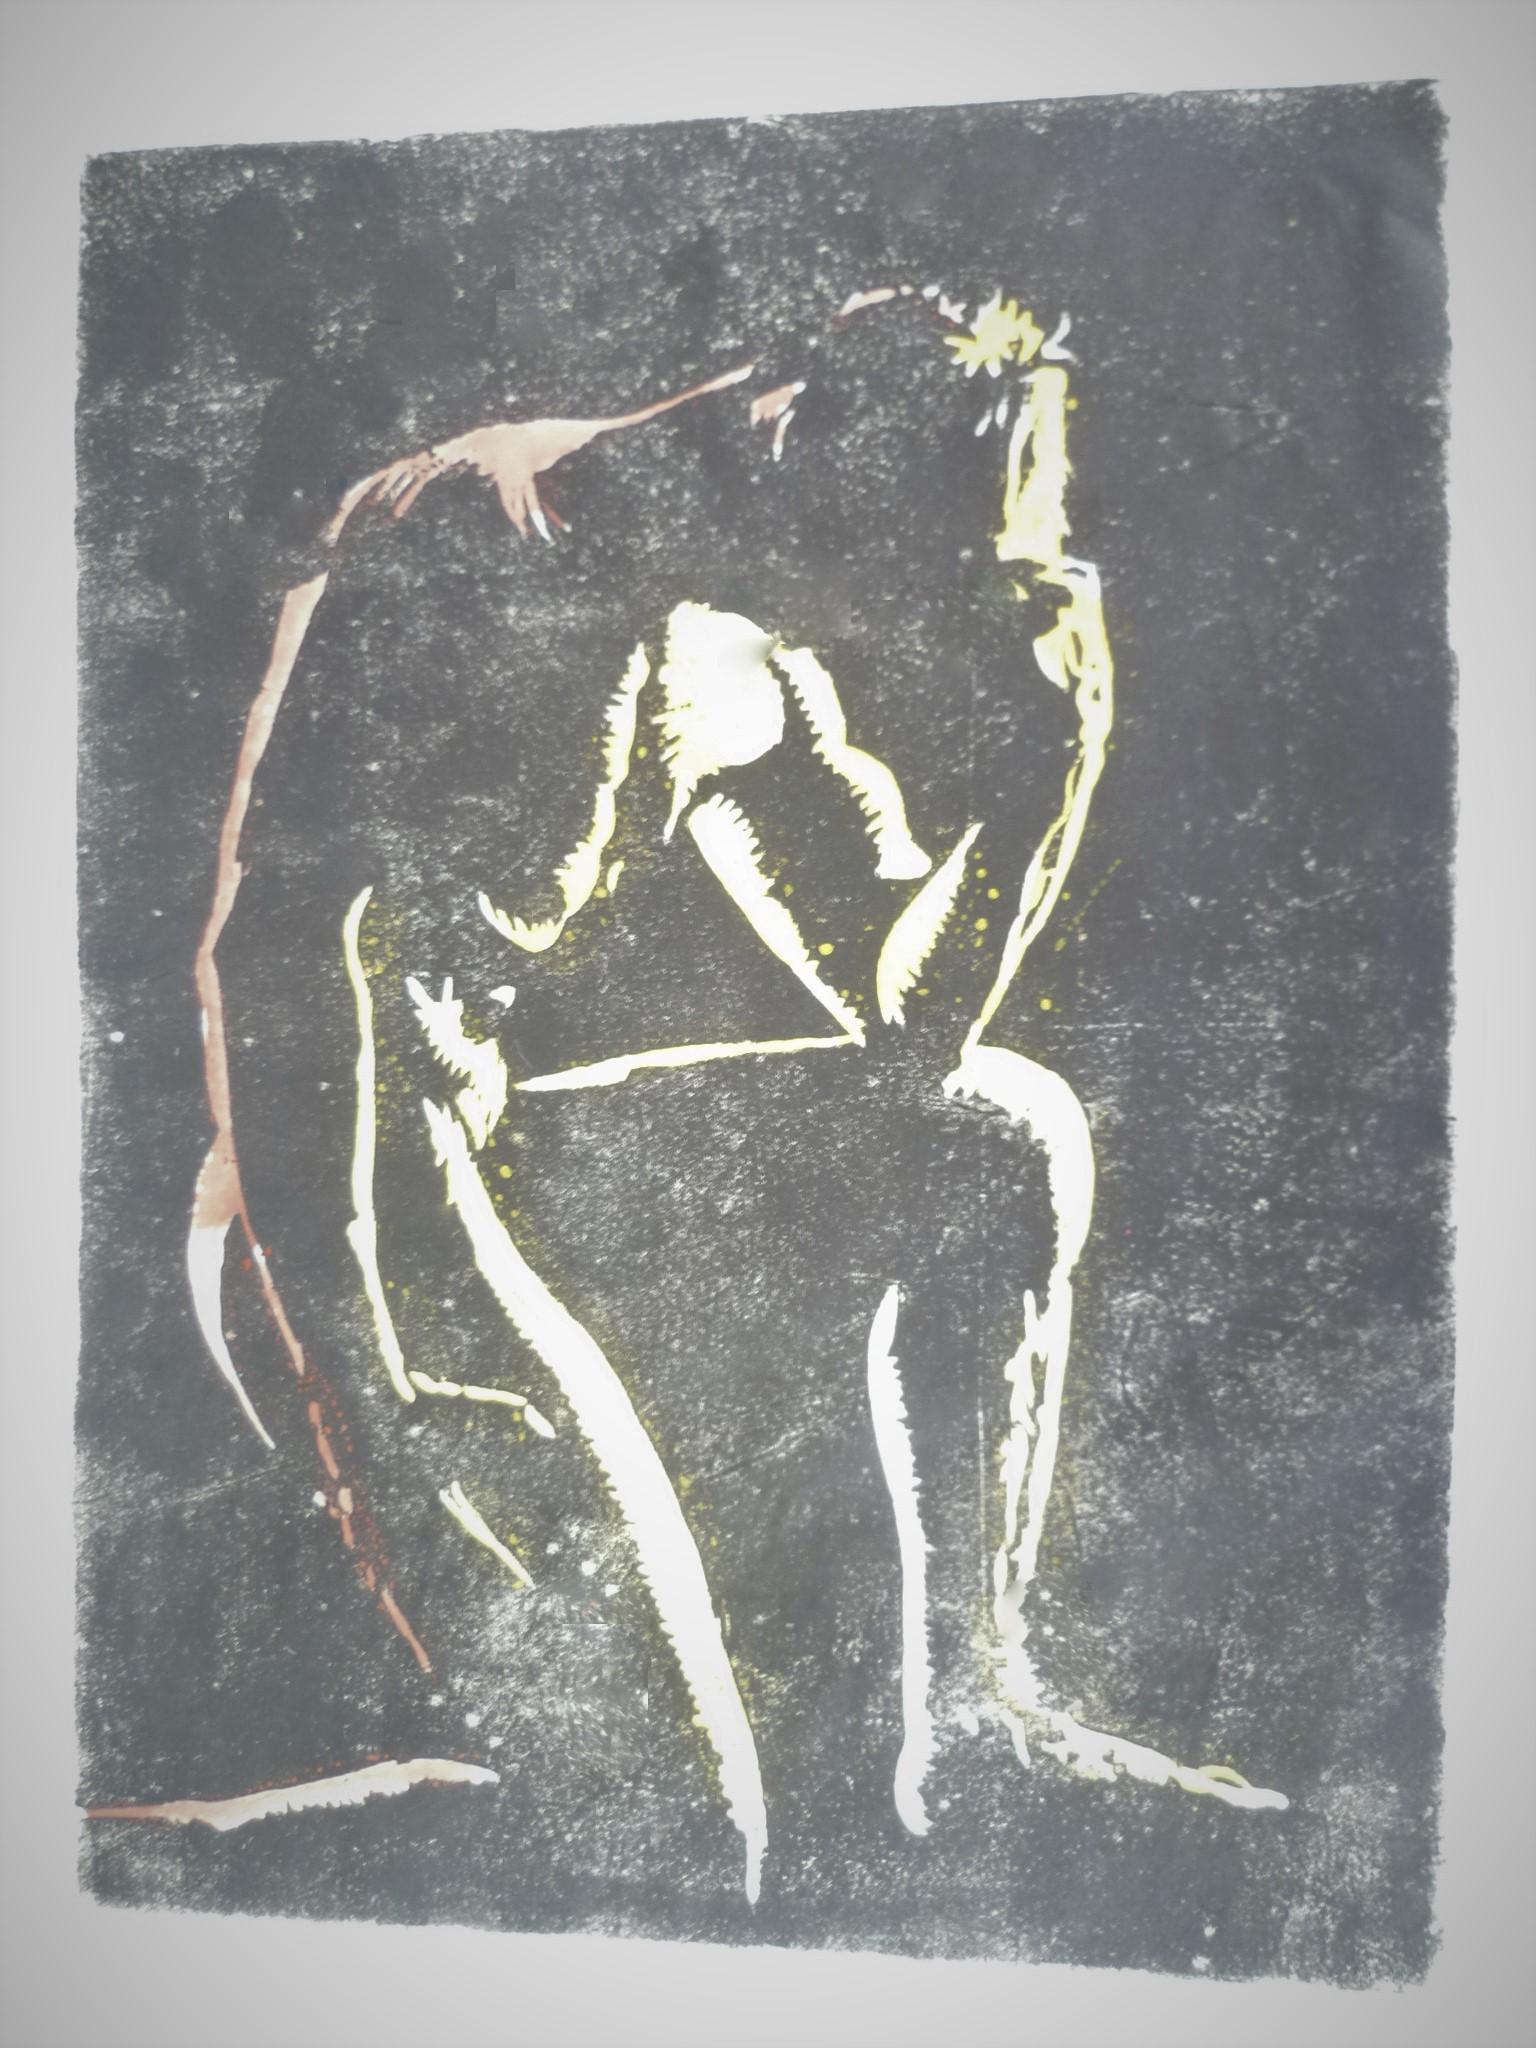 the thinker, Holzschnitt, 30 x 25 cm